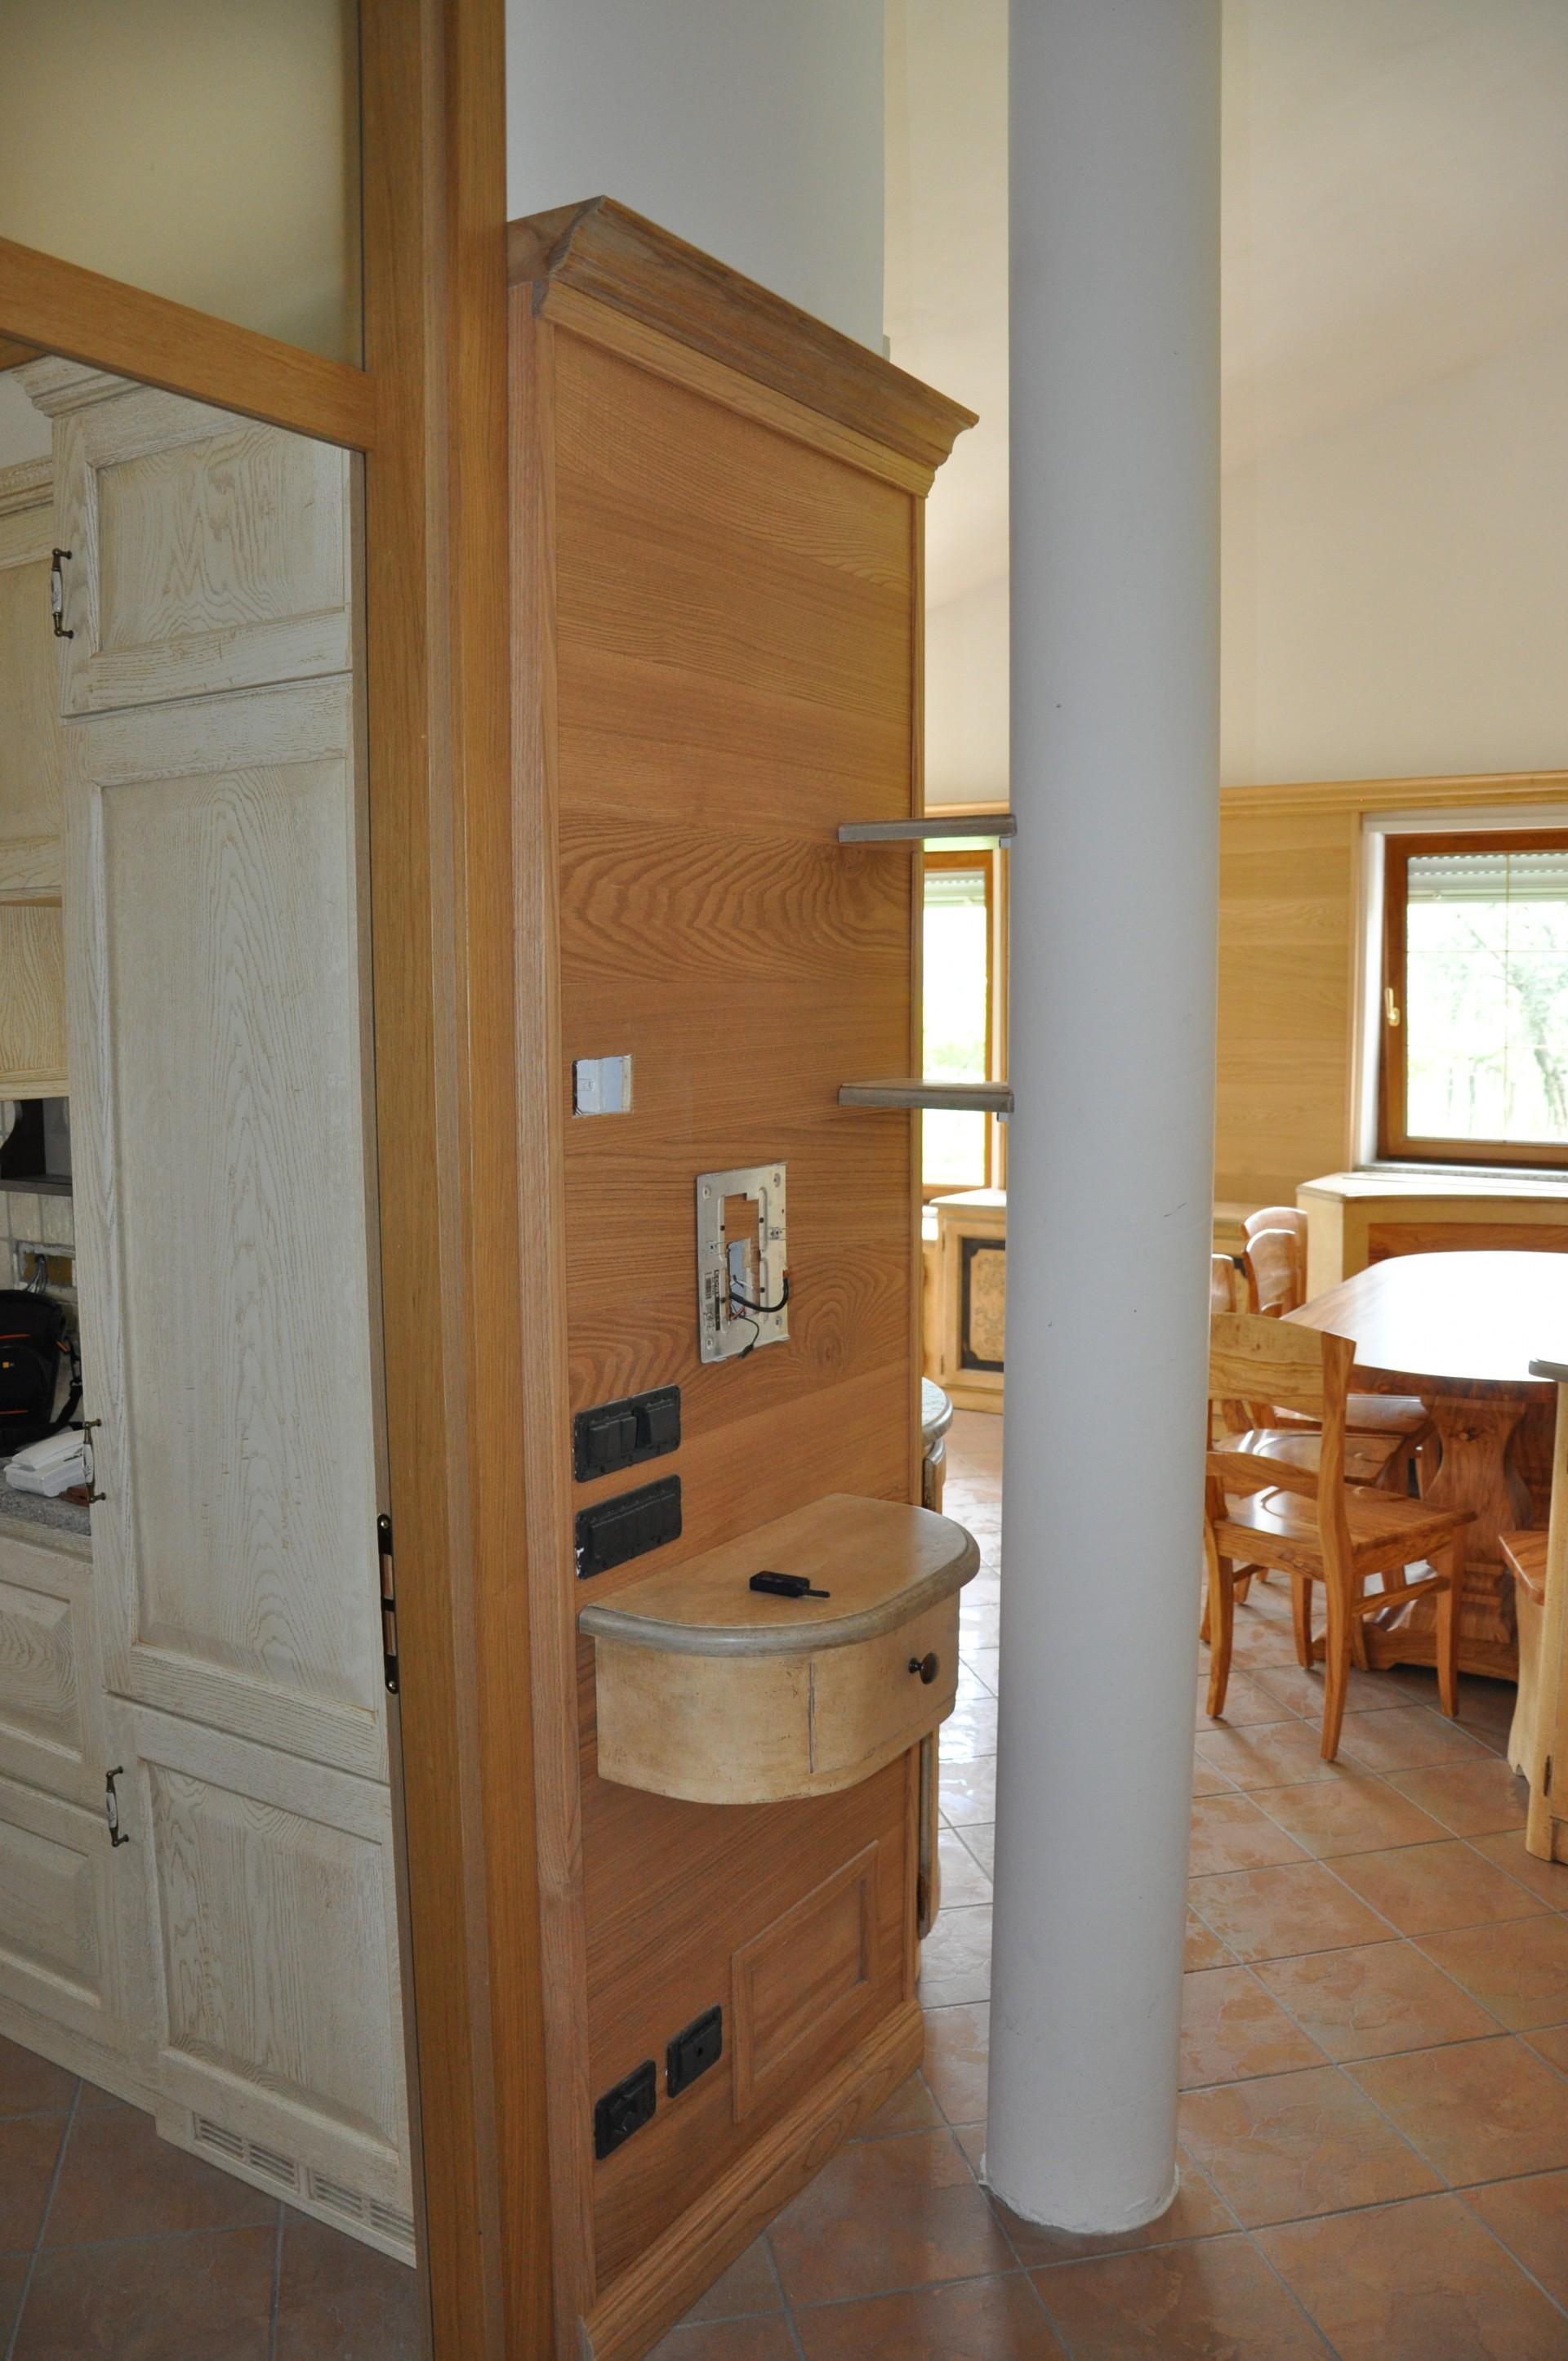 Progettazione arredamenti su misura fadini mobili cerea for Arredamenti verona